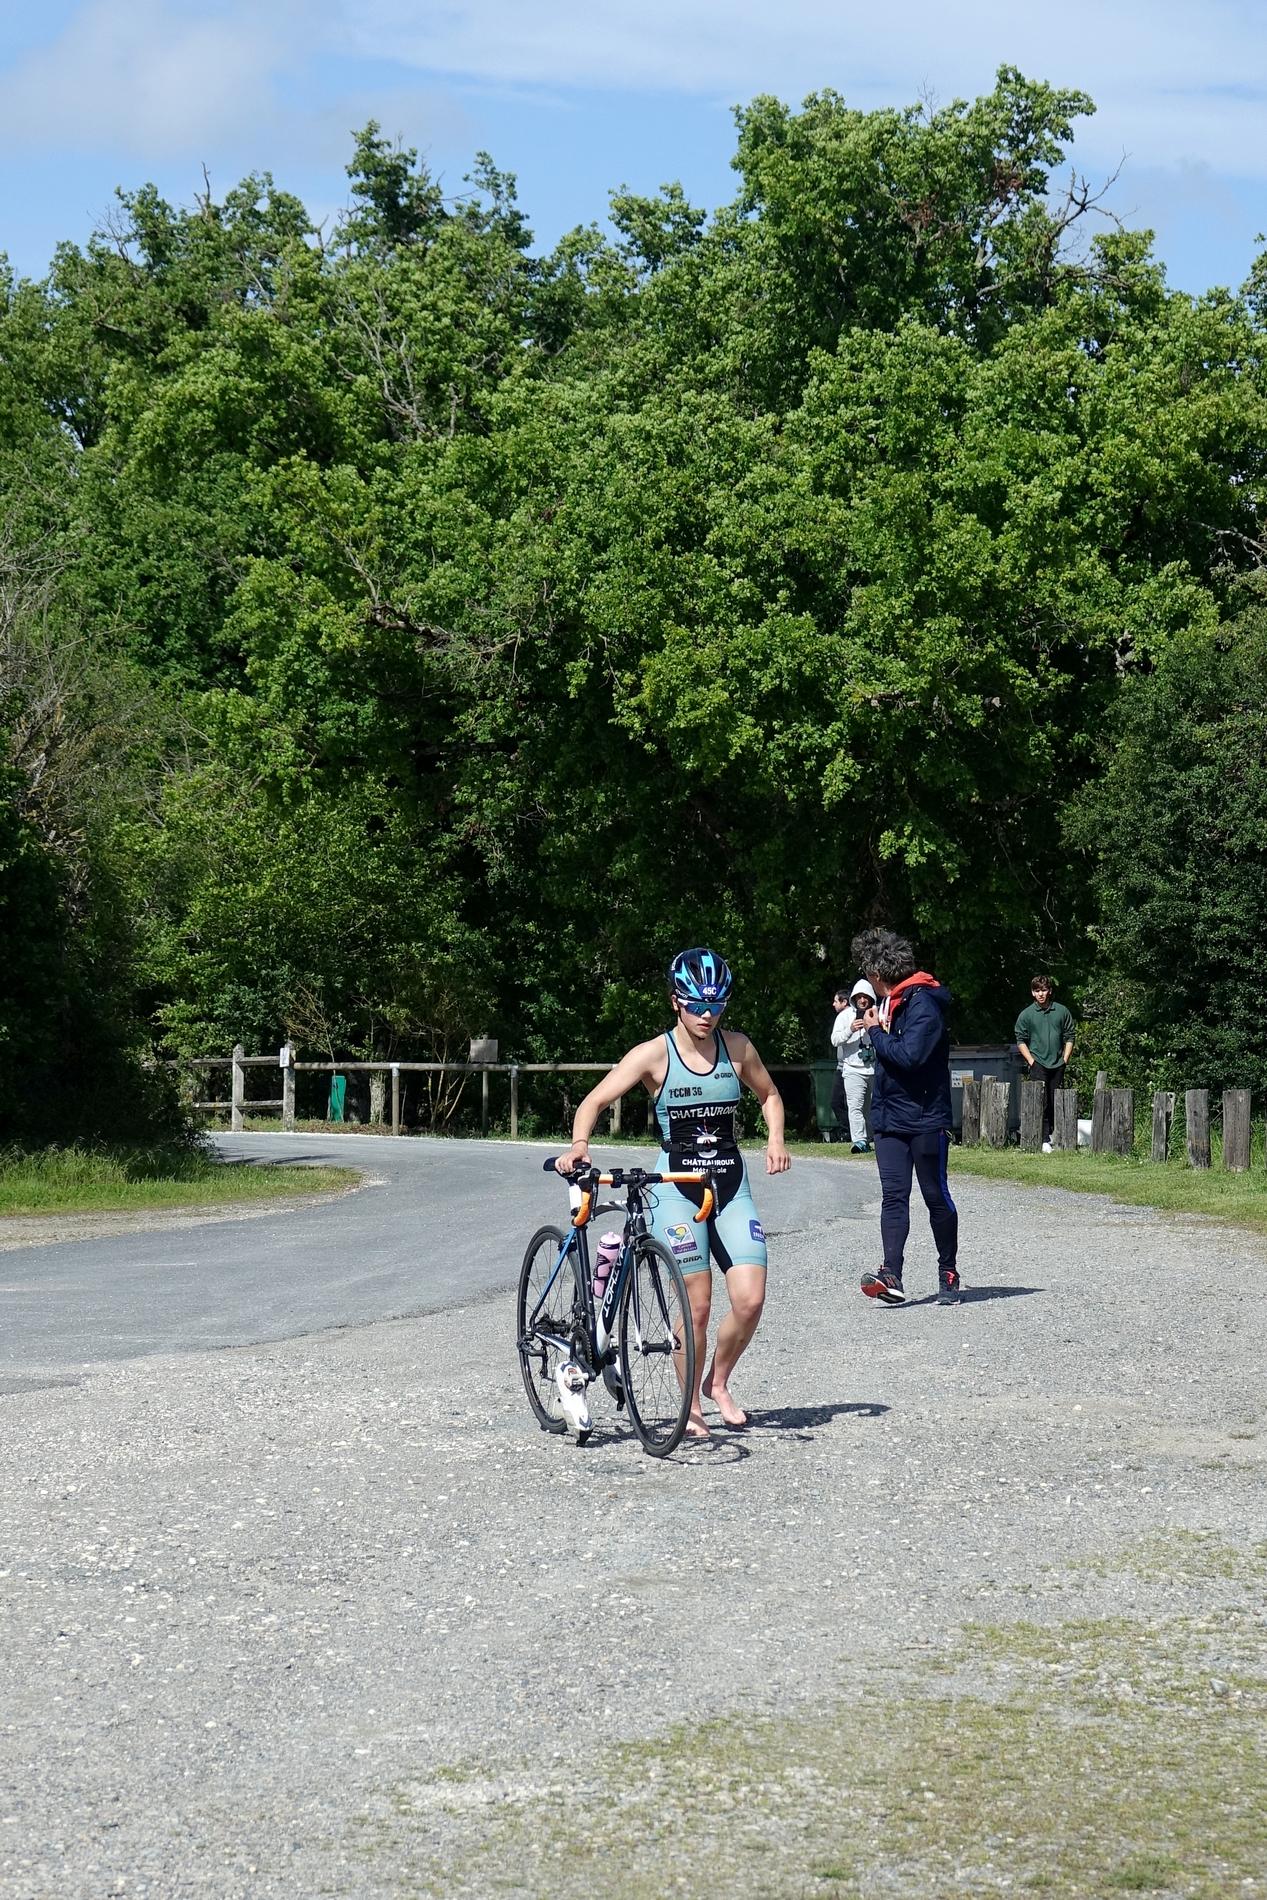 Puis en arrivant au point de départ tu vois débouler des vélos